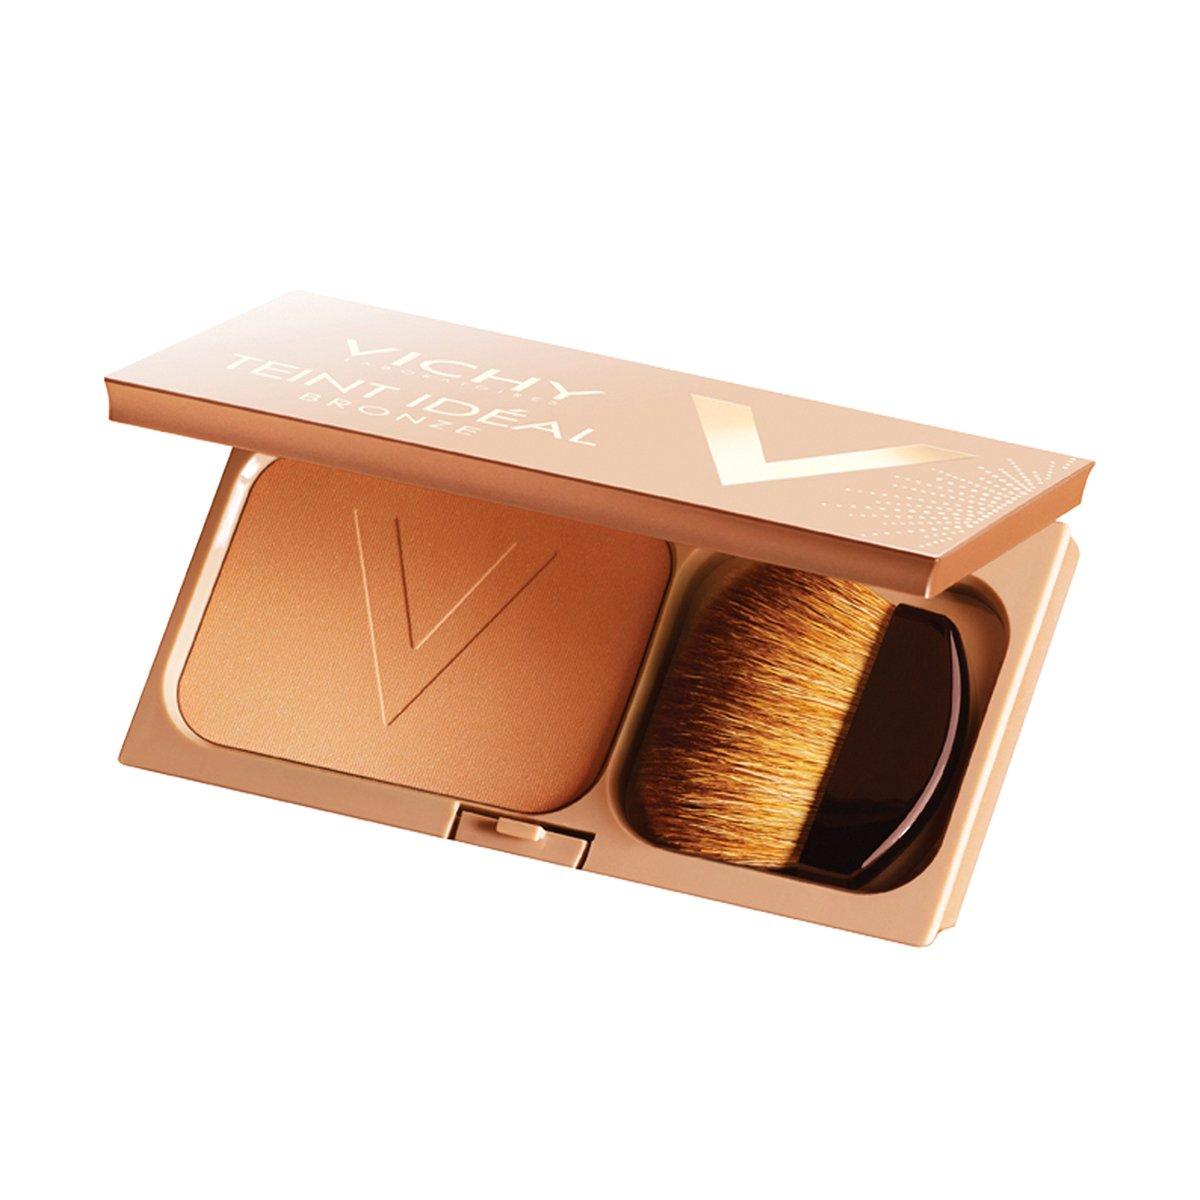 Vichy Teint Ideal Polvere Bronzanti - 9.5 ml 3337871325596